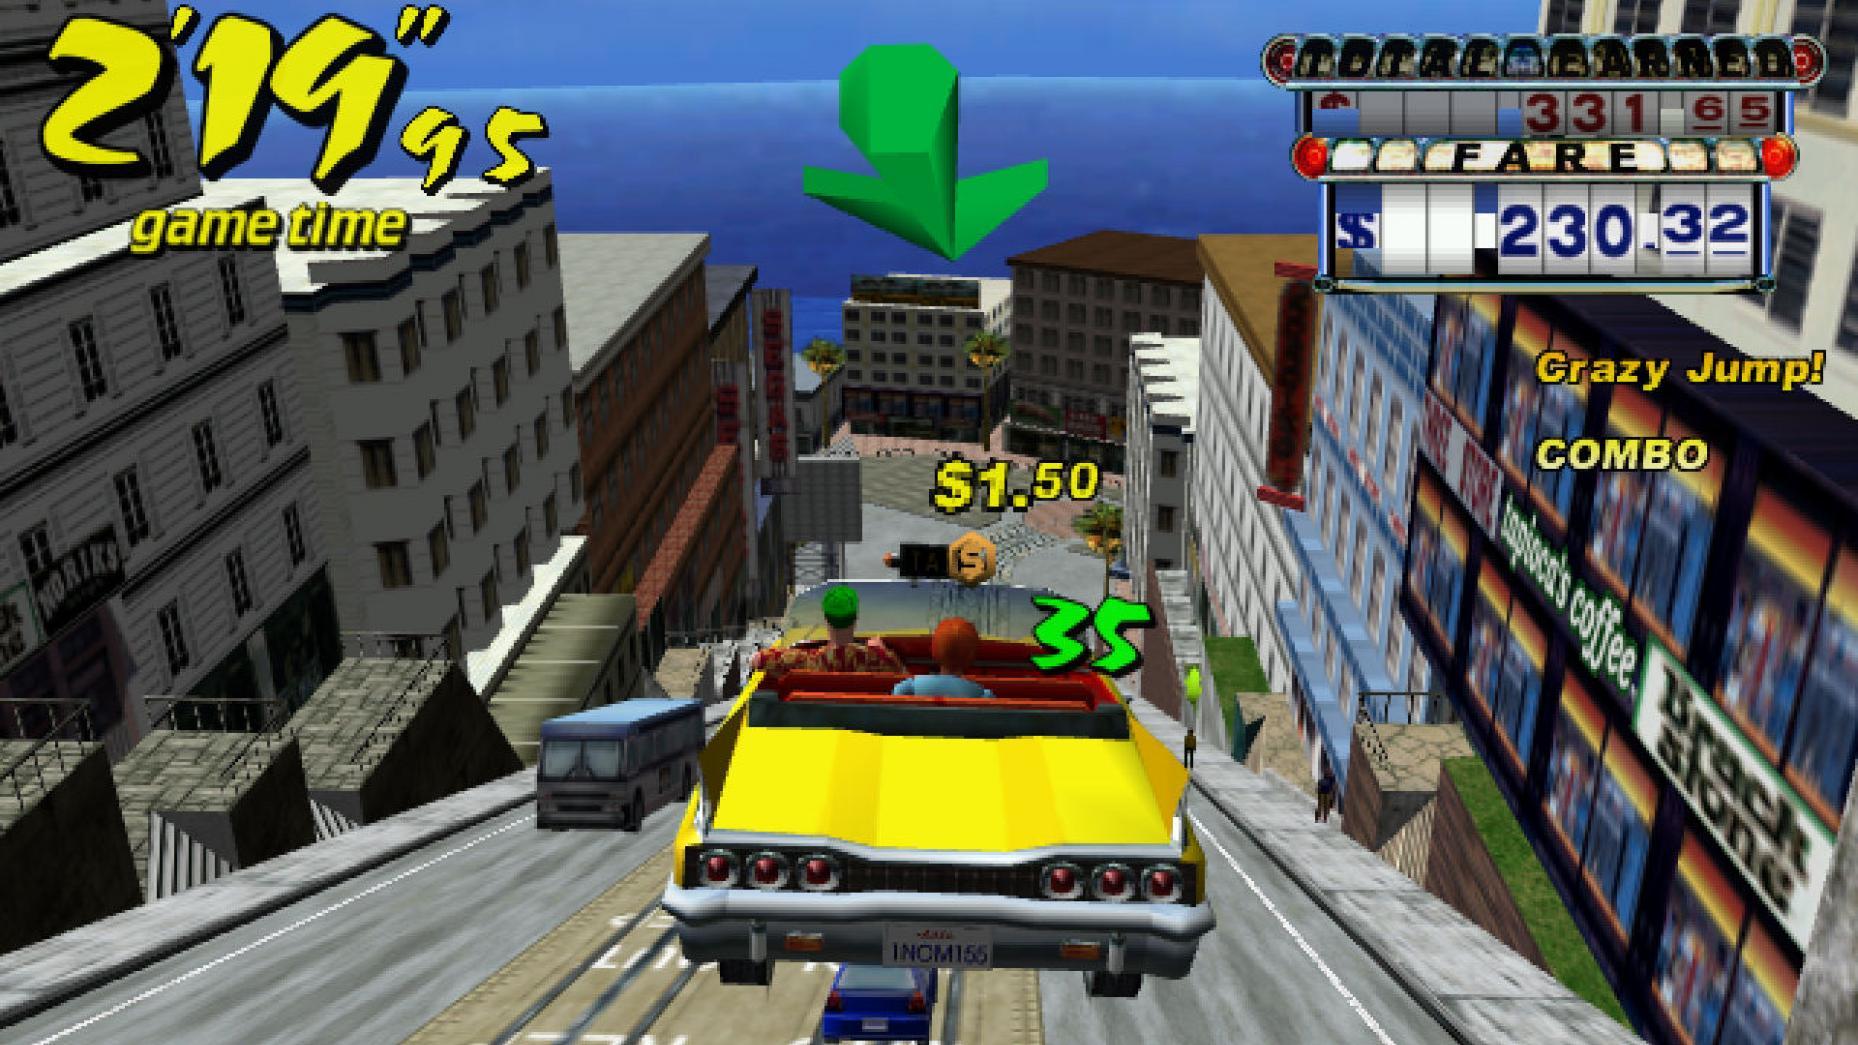 Sega Dreamcast Y Pack De 3 Juegos A La Venta En Tiendas Por 80